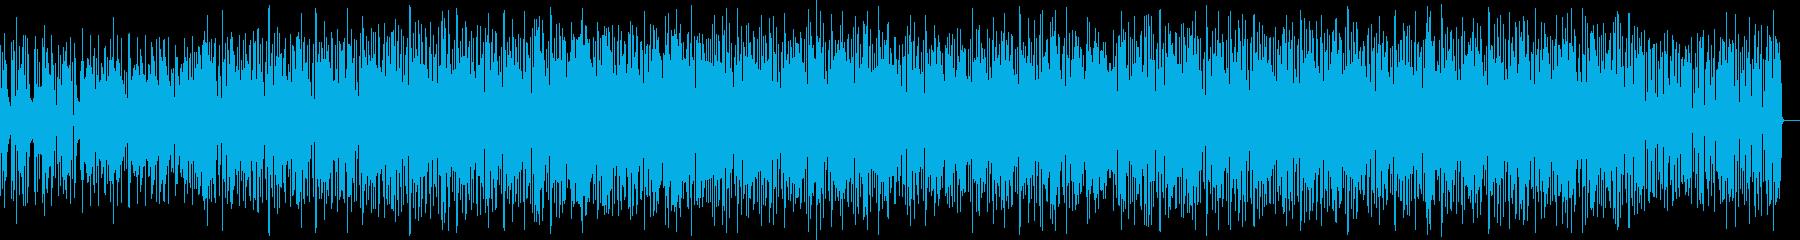 ダークでかっこいいメロディーの再生済みの波形